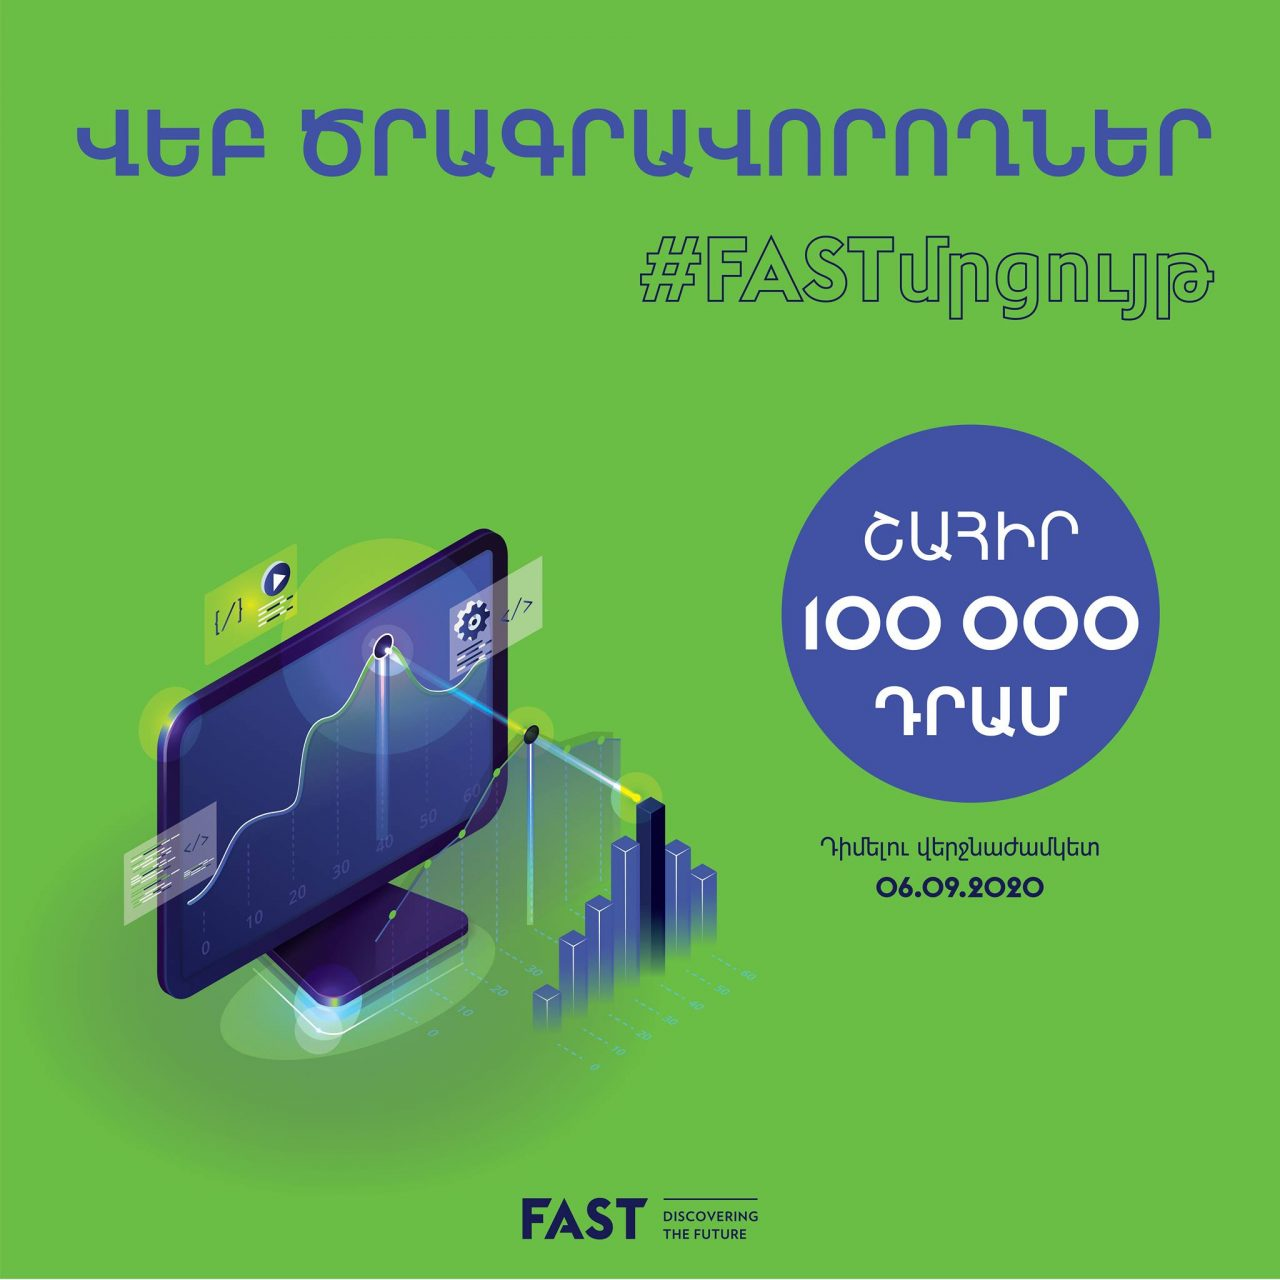 FAST-ը վեբ ծրագրավորողներին հրավիրում է մրցույթի